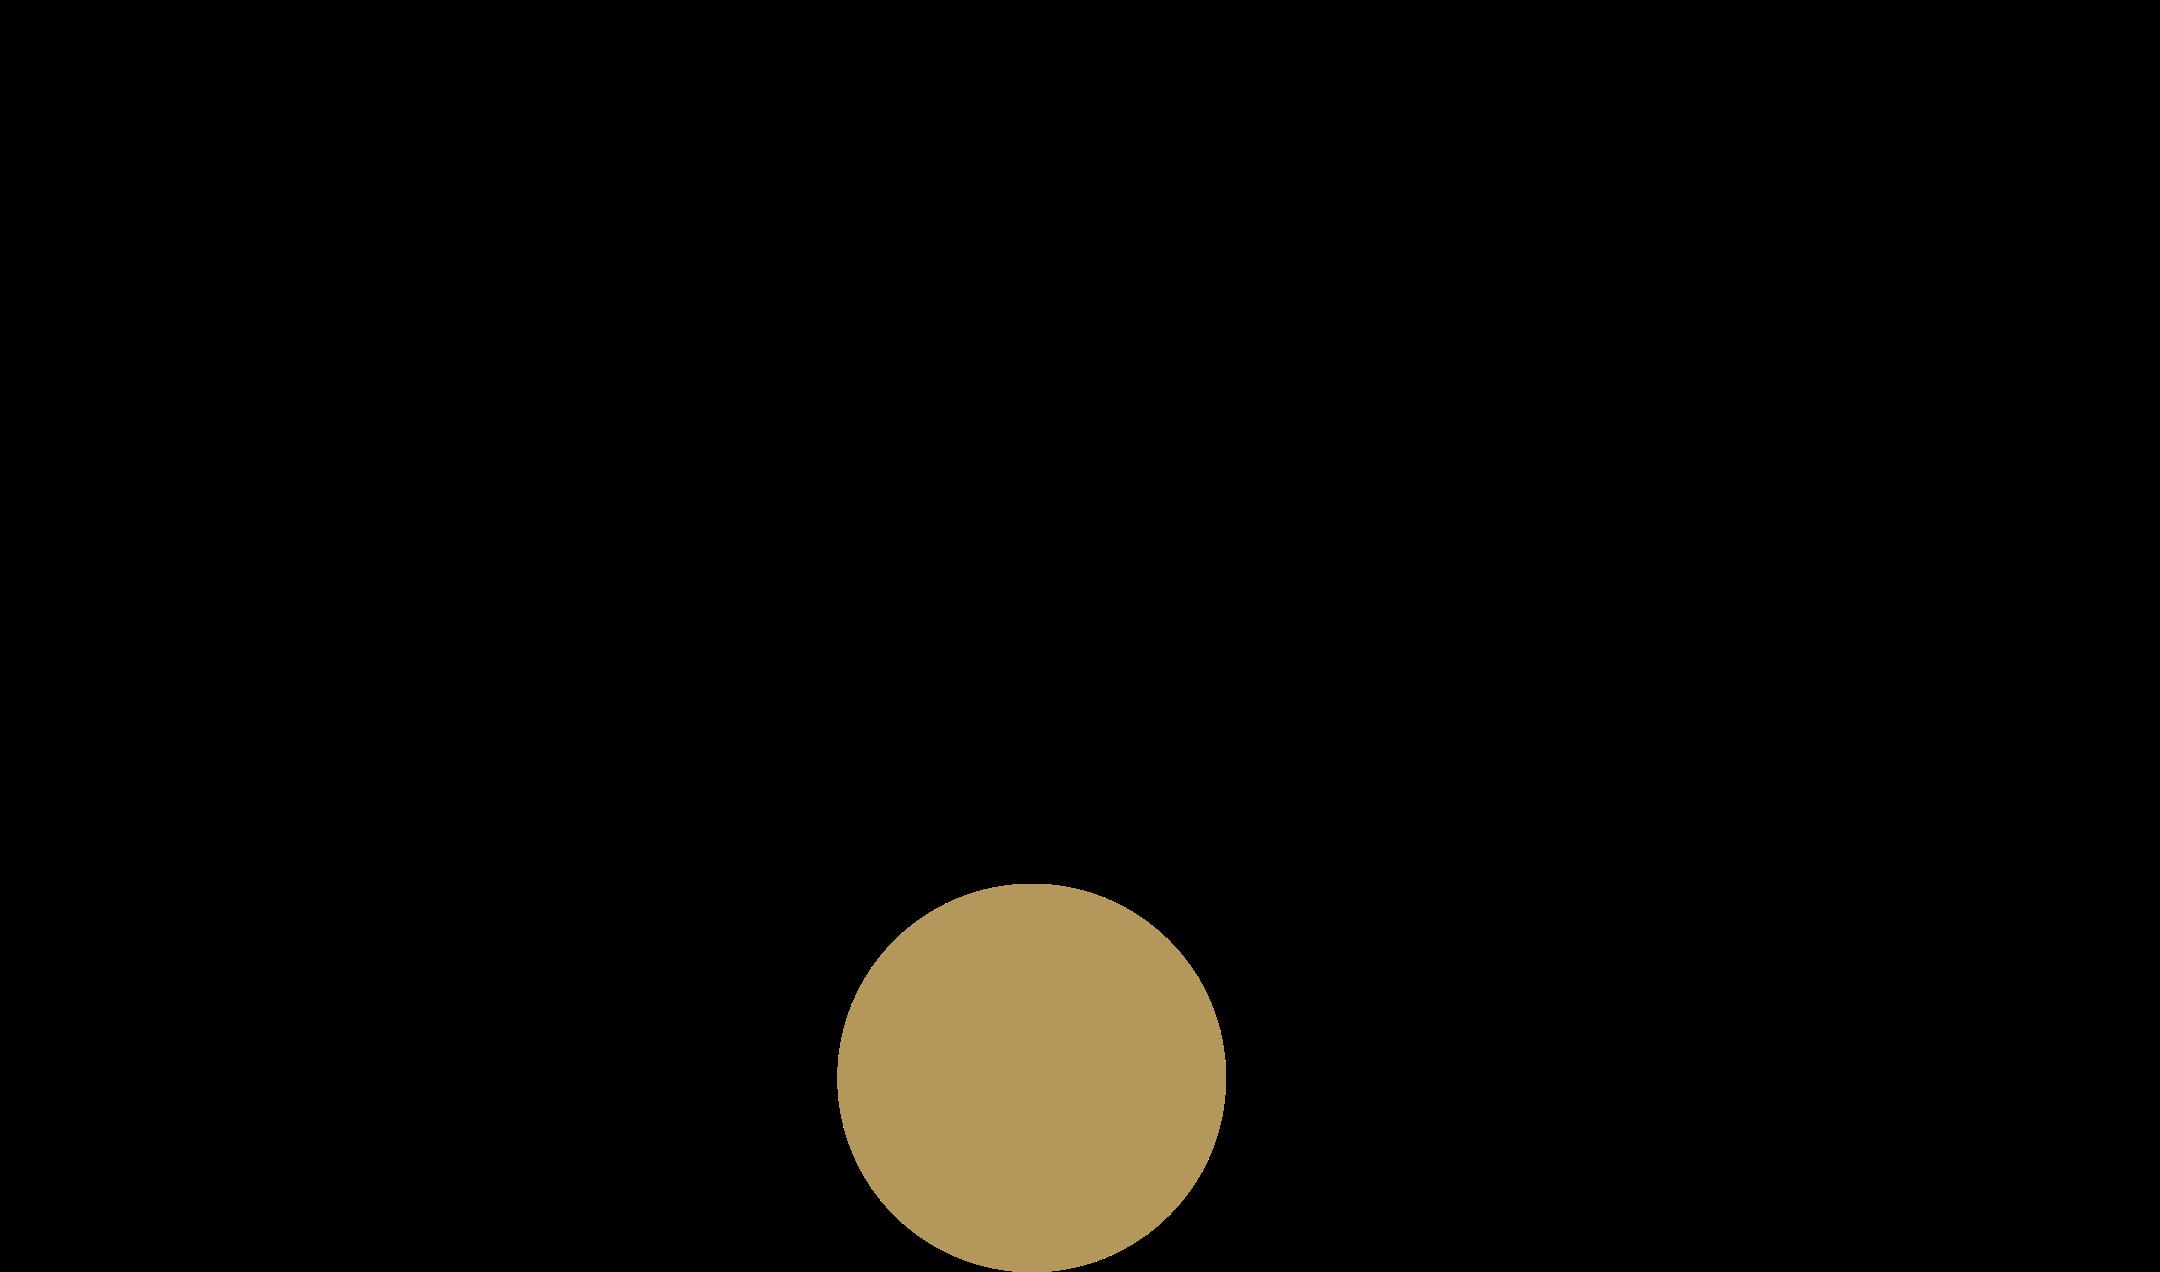 rode logo 1 - Røde Microphones Logo